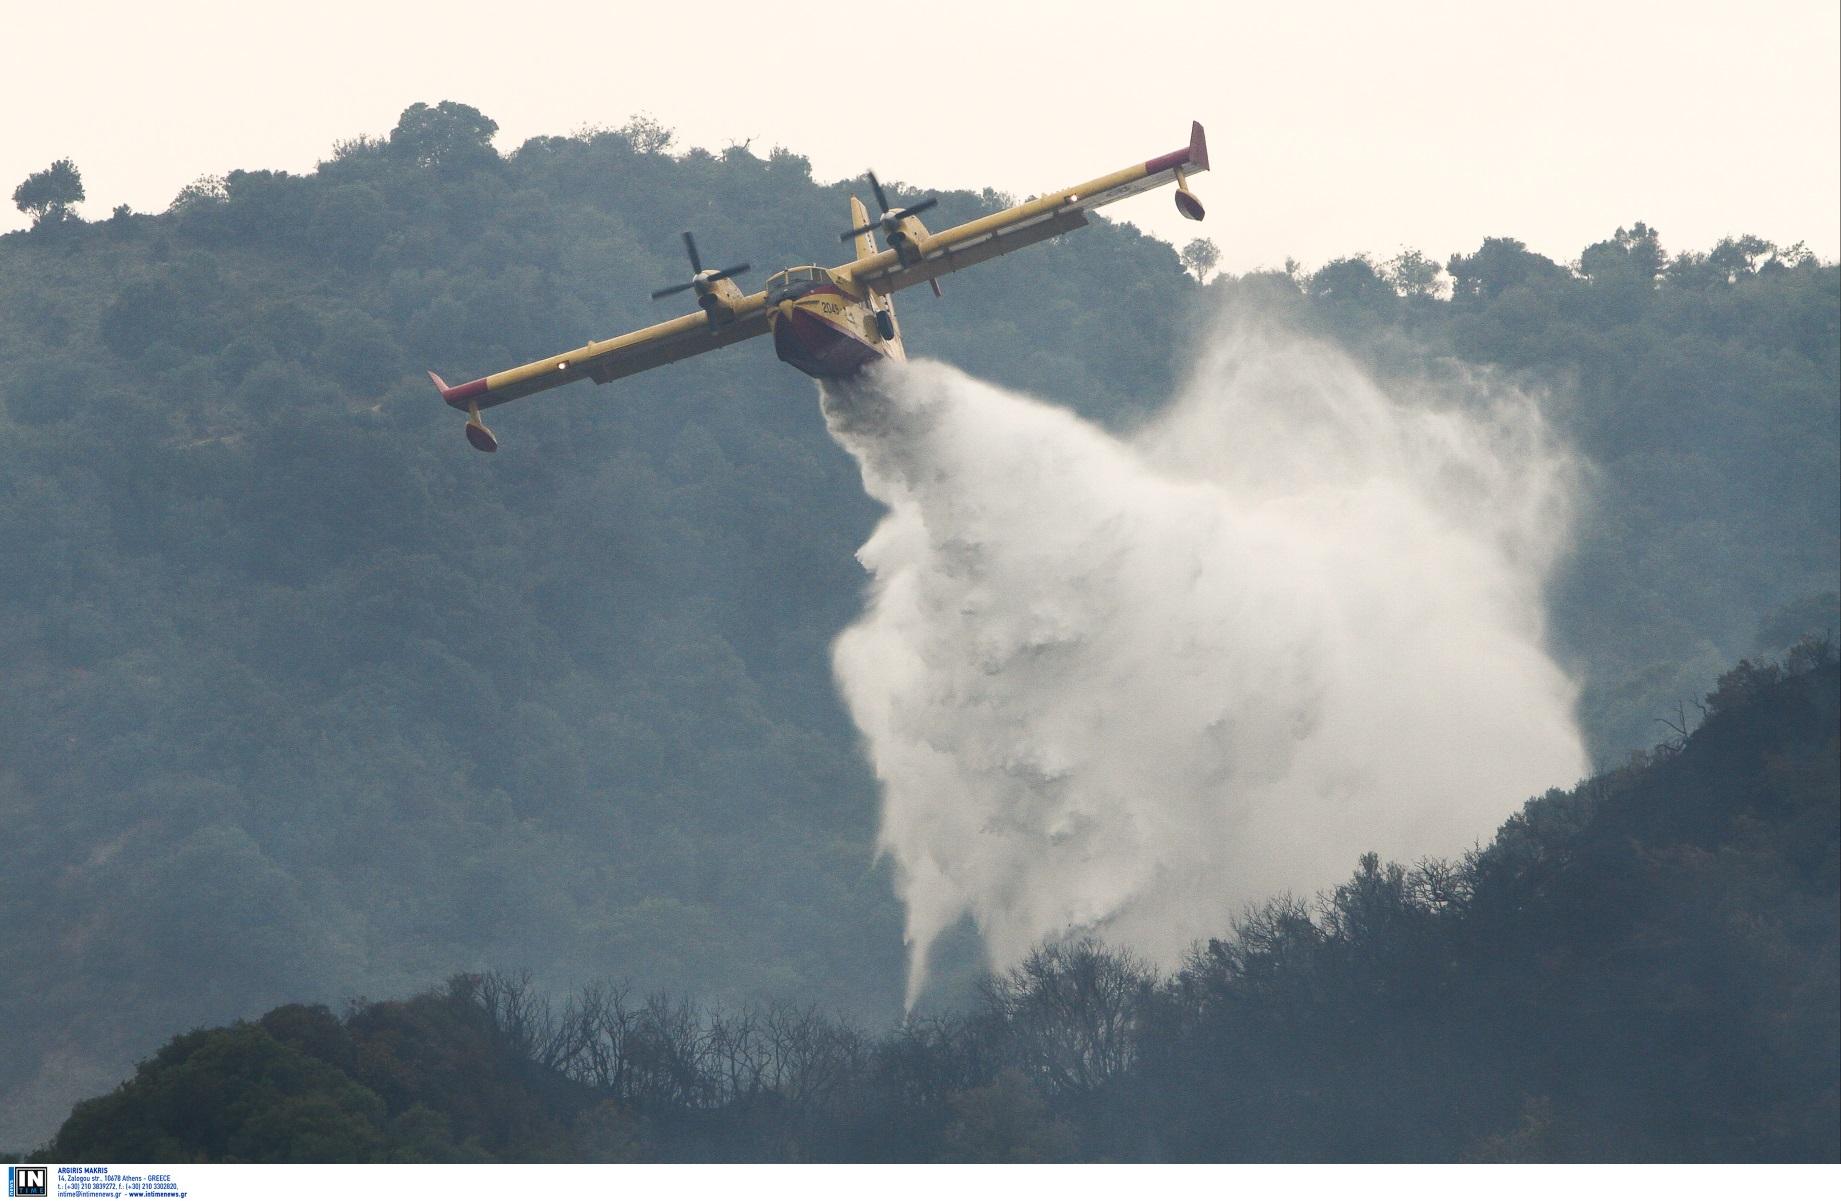 Χαλκιδική: Καλύτερη η εικόνα από την φωτιά στην Φούρκα – Το tweet του Μαργαρίτη Σχοινά